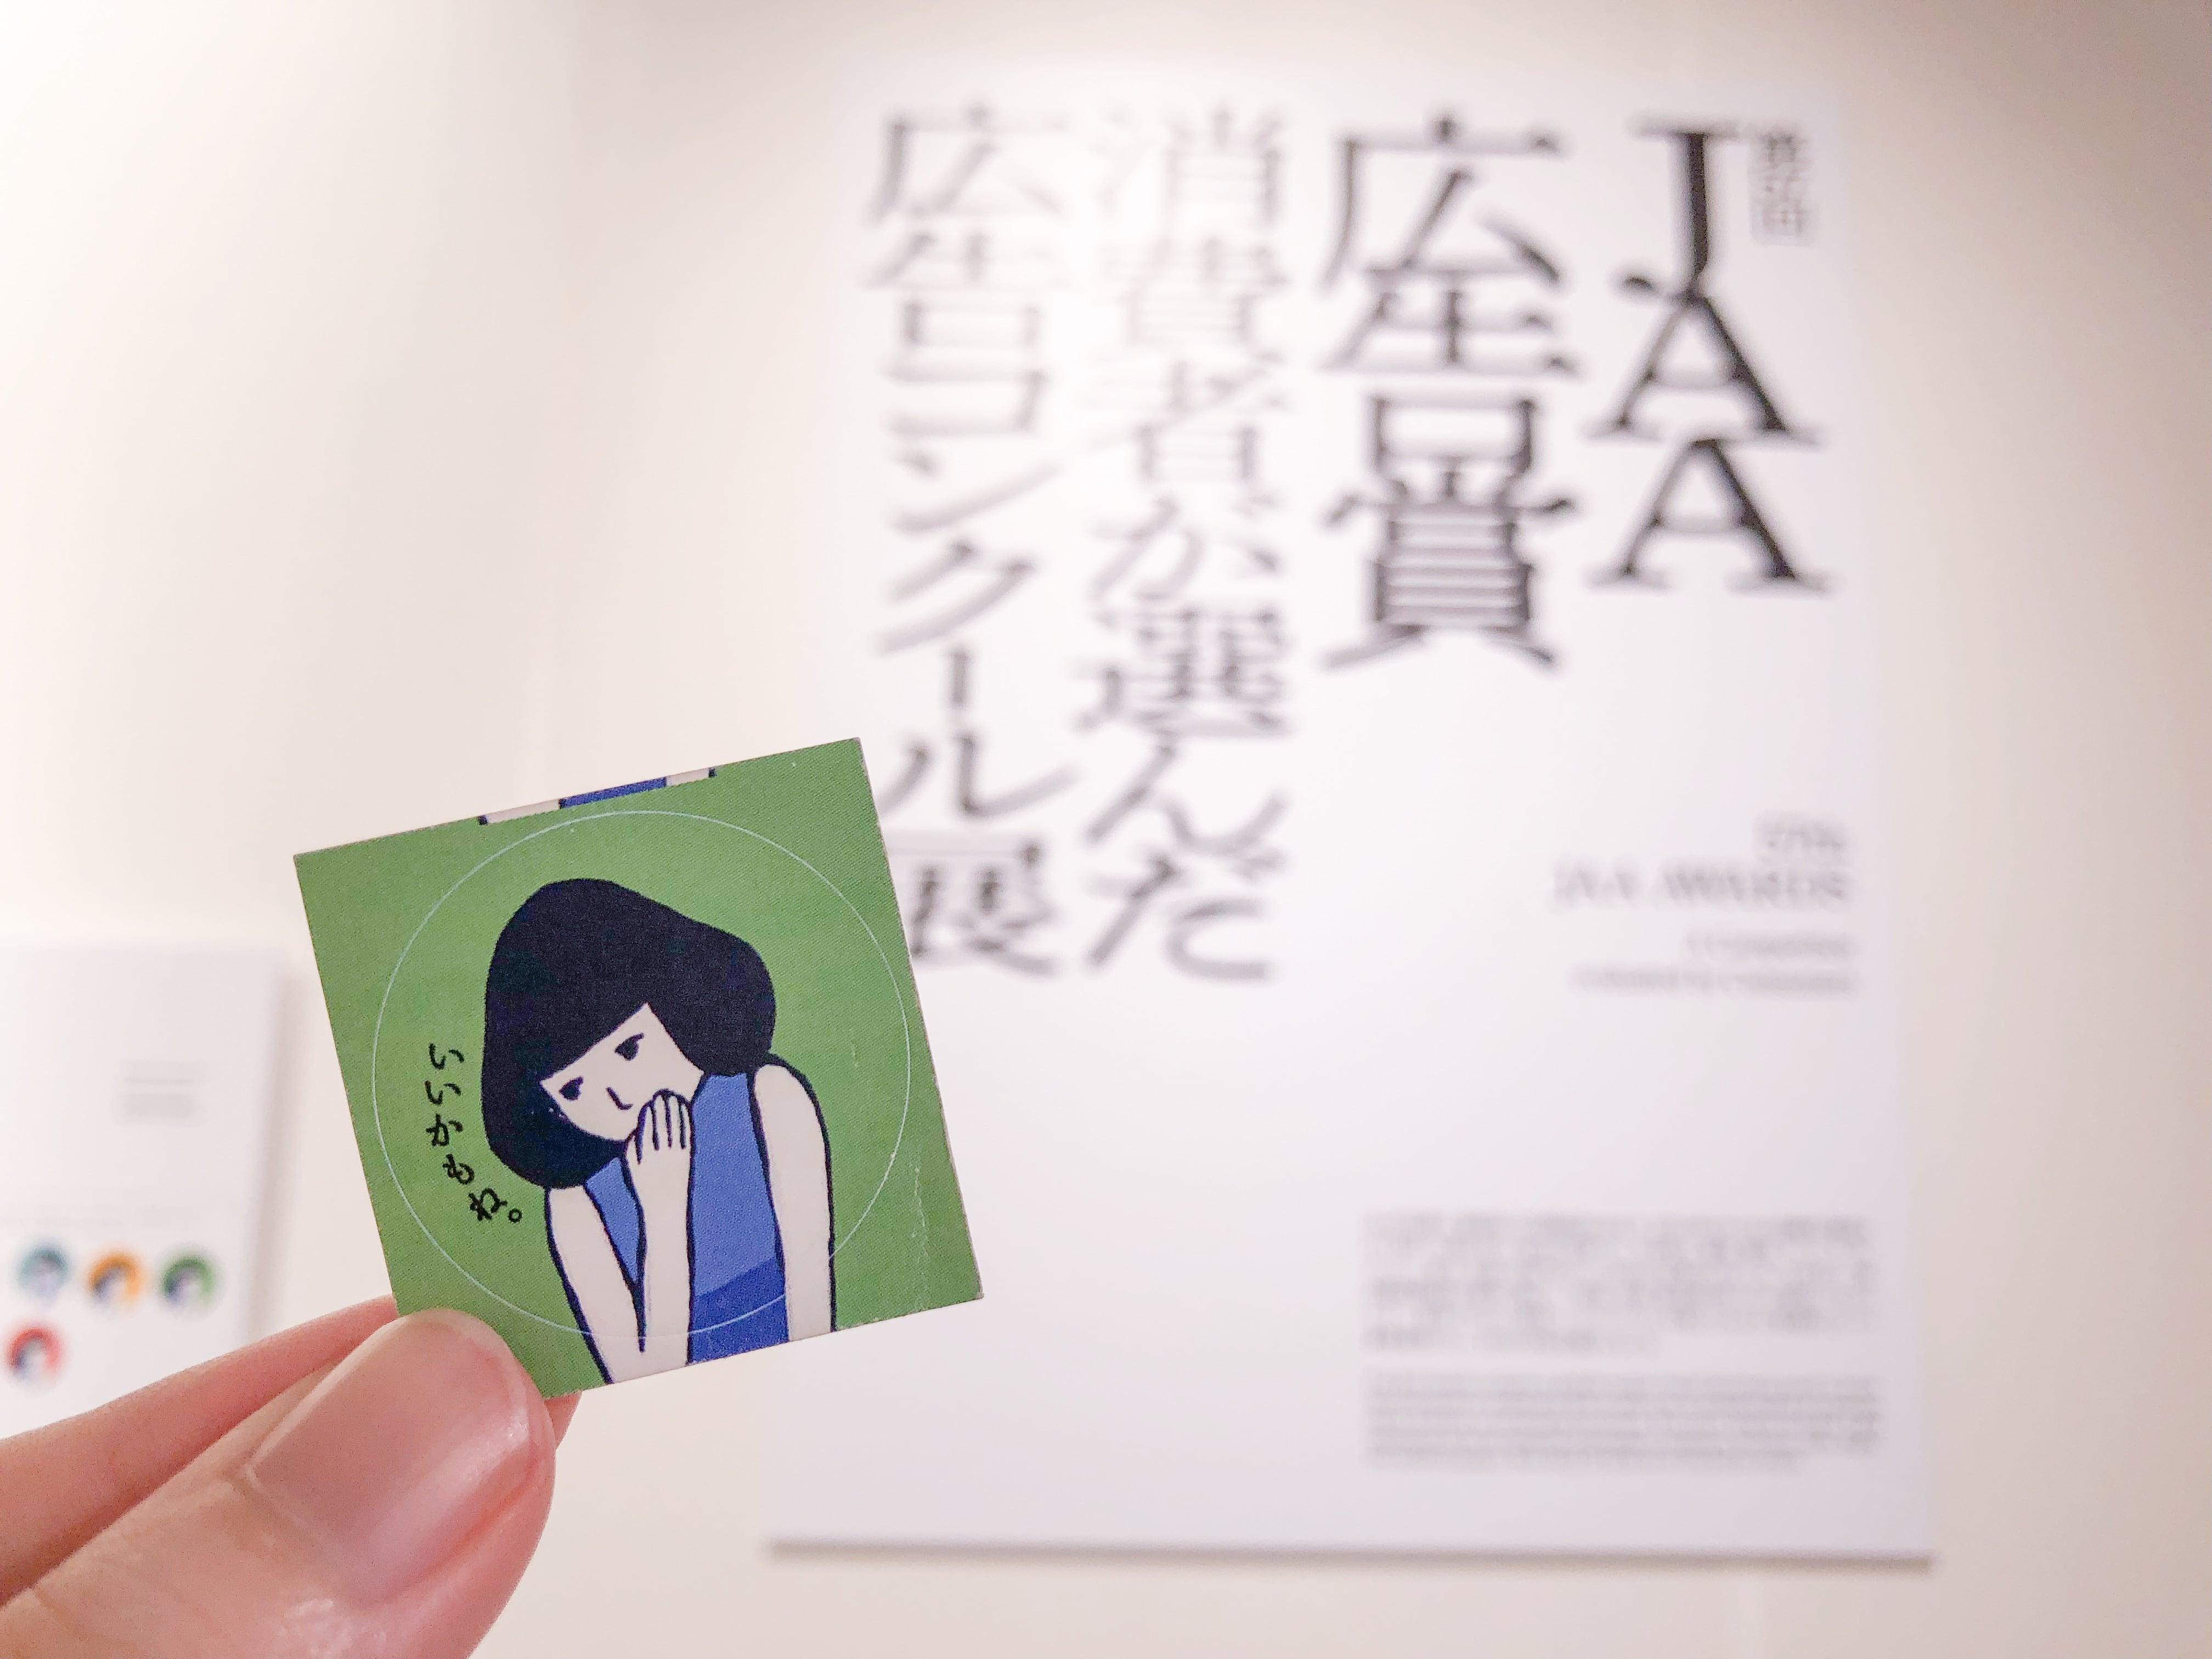 アド・ミュージアム東京 企画展示